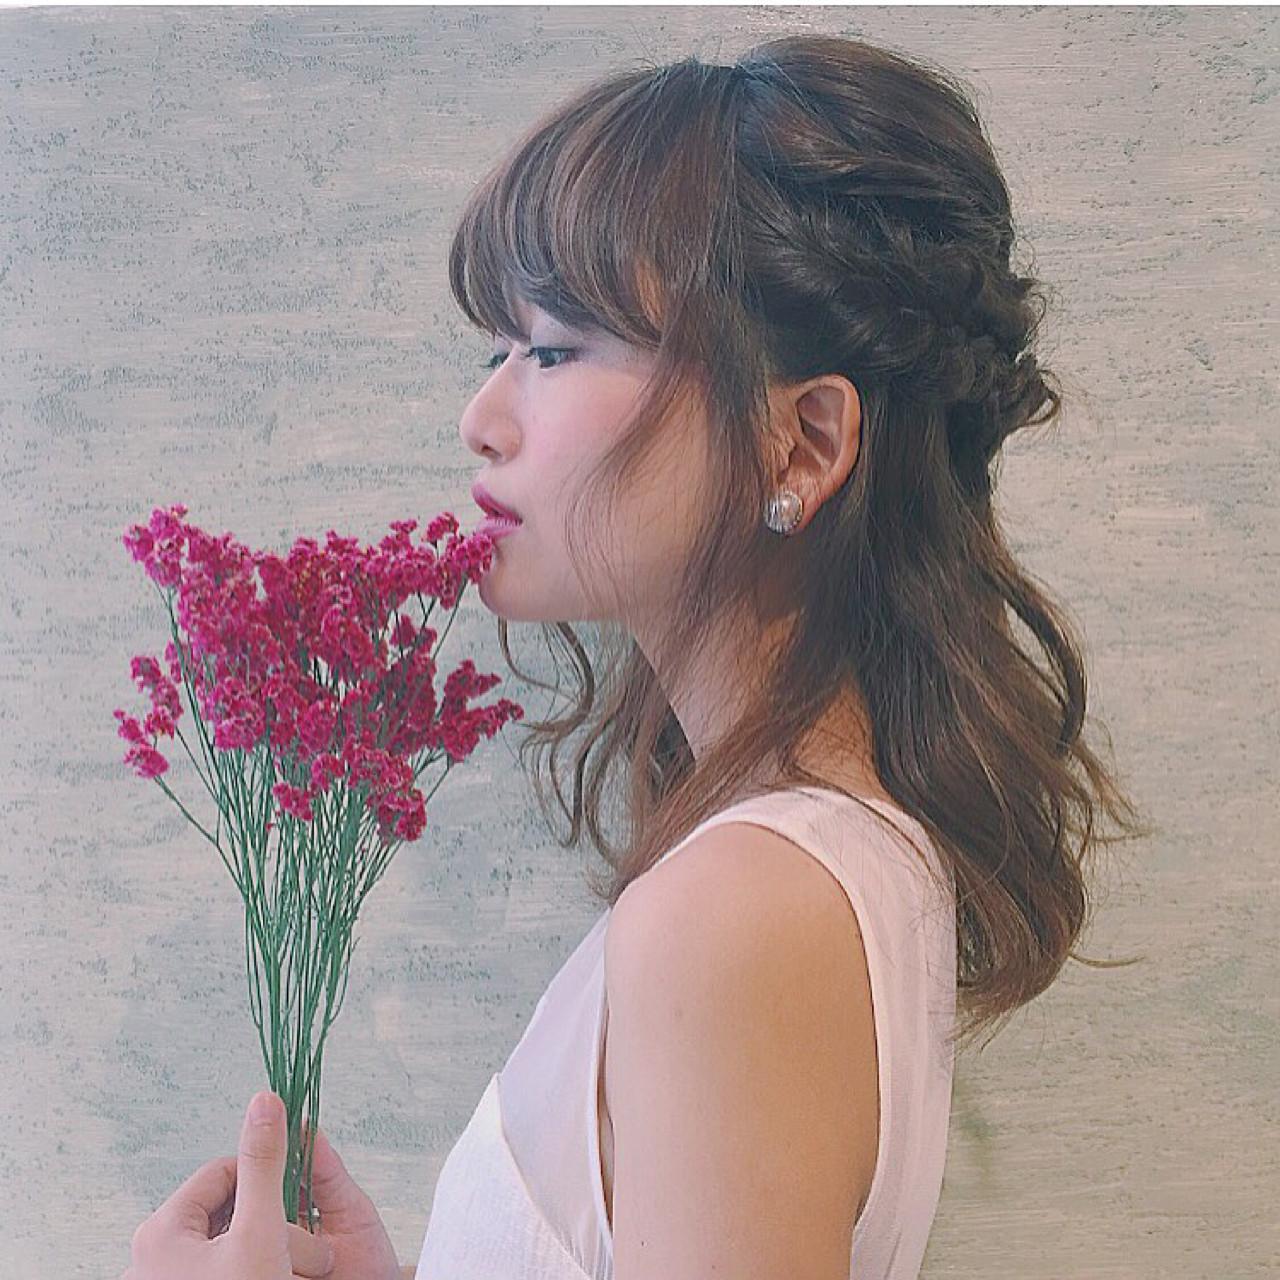 愛され女子の共通点はミディアム?こんなかわいい髪型見たことない♡の11枚目の画像